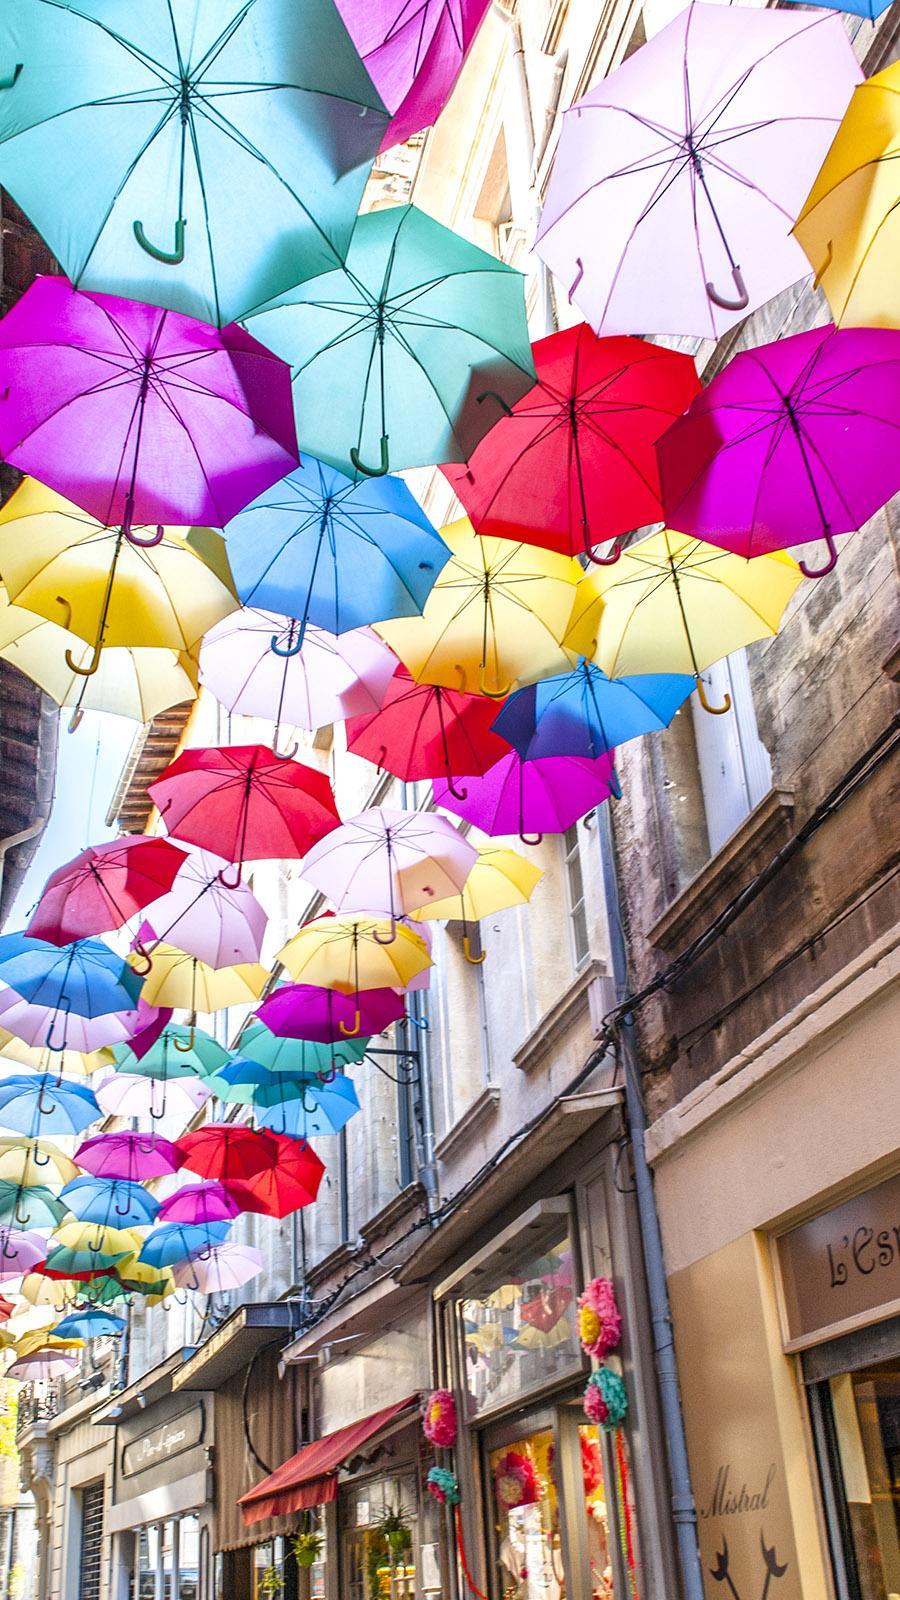 In der Rue des Fourbisseurs sind kunterbunte Schirme zwischen den Hauswänden aufgespannt. Foto: Hilke Maunder